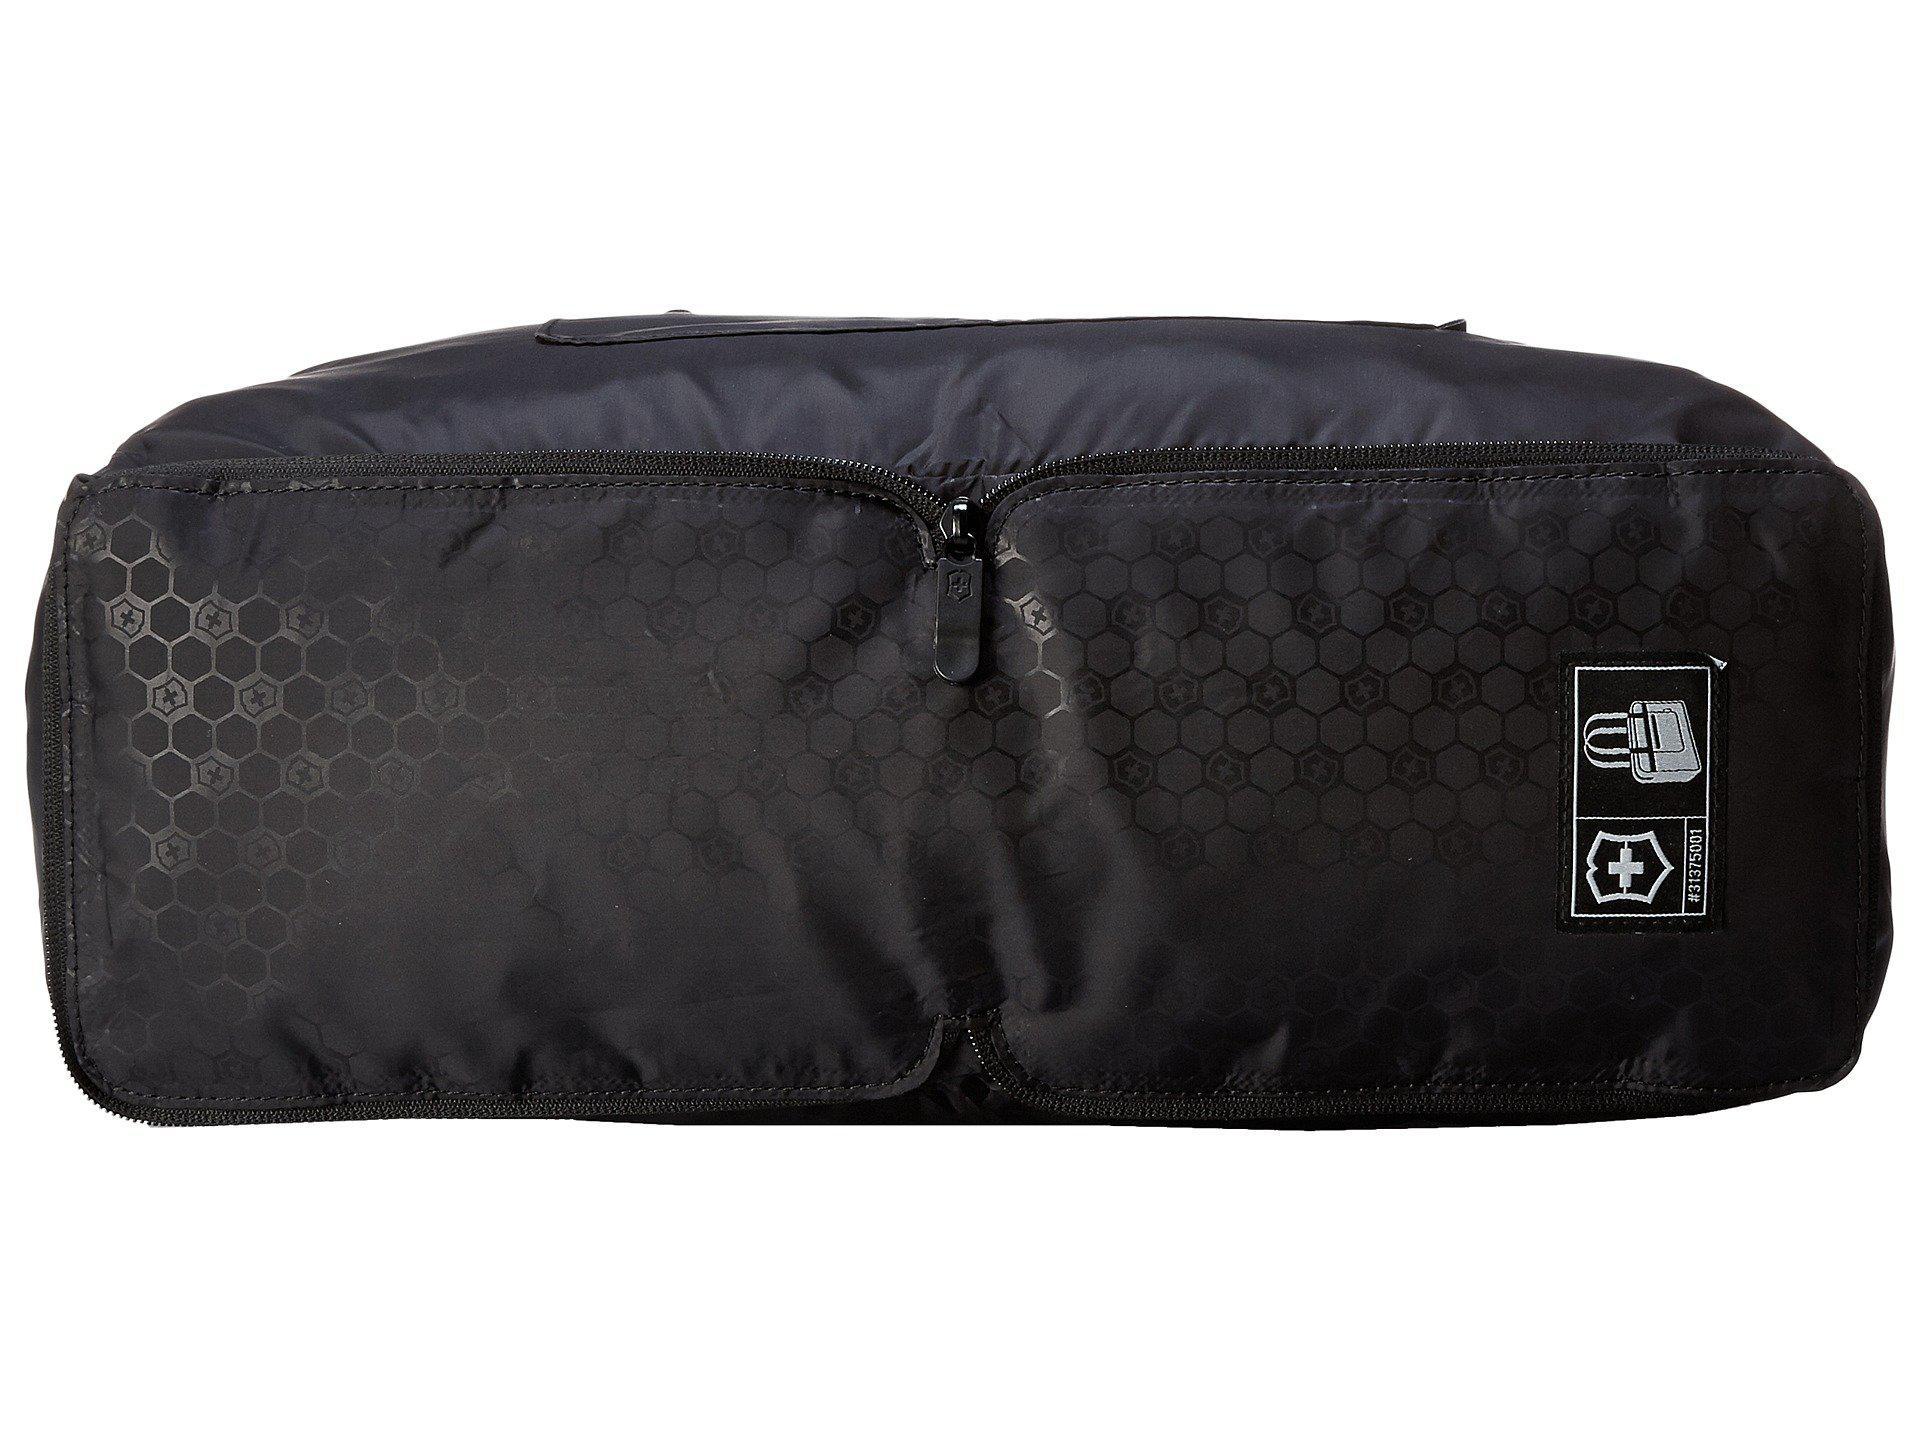 e8a9d996dac5 Packable Day Bag